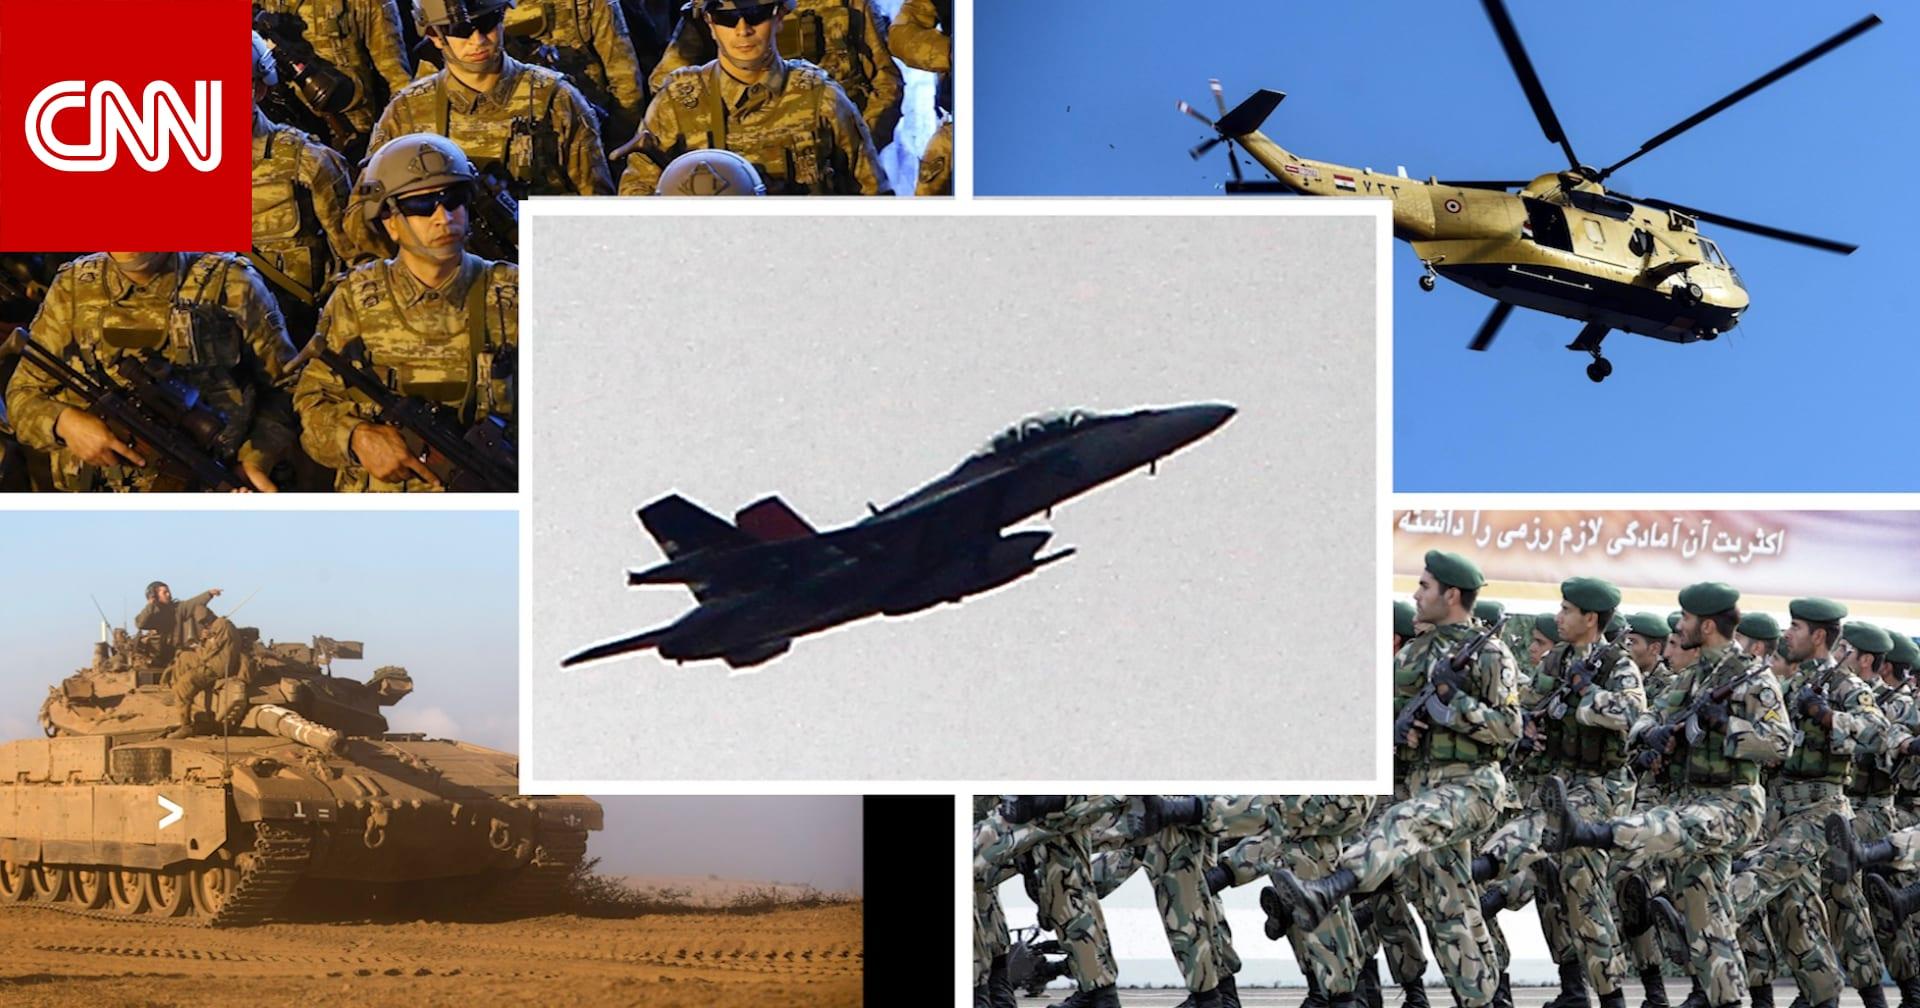 تركيا تتصدر ومصر تتراجع وإيران تتفوق على السعودية وإسرائيل.. قائمة بأقوى جيوش المنطقة للعام 2021